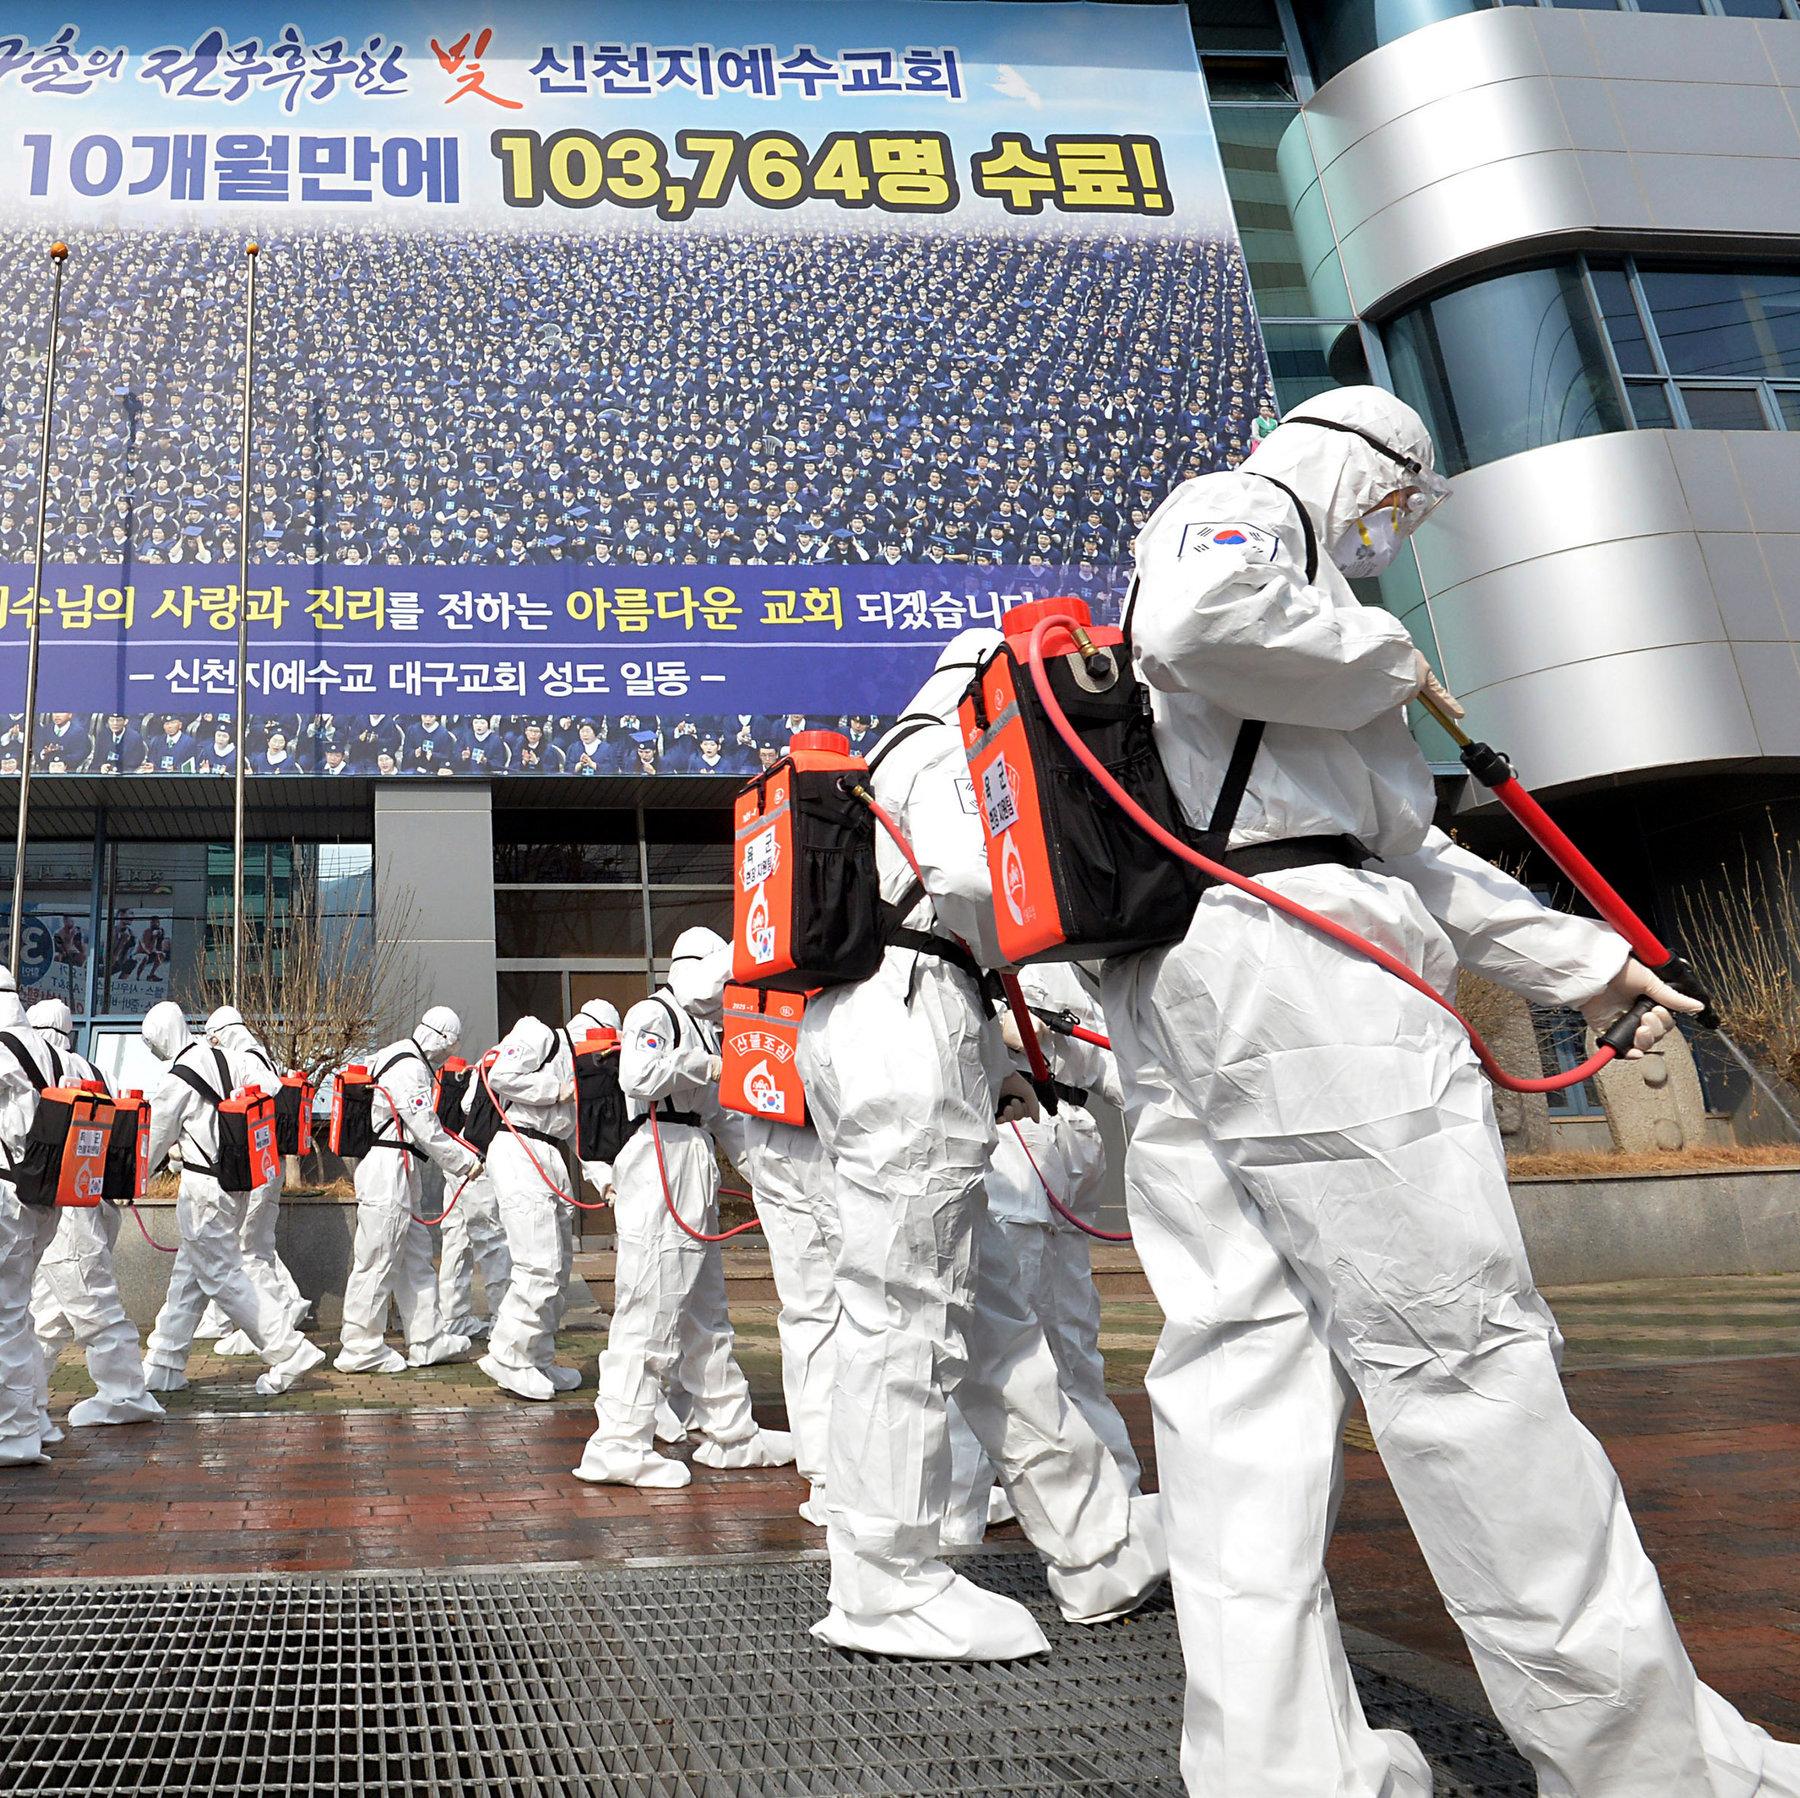 韩国首次向全球发布旅行安全特别预警, 预警时间从3月23日开始为期1个月